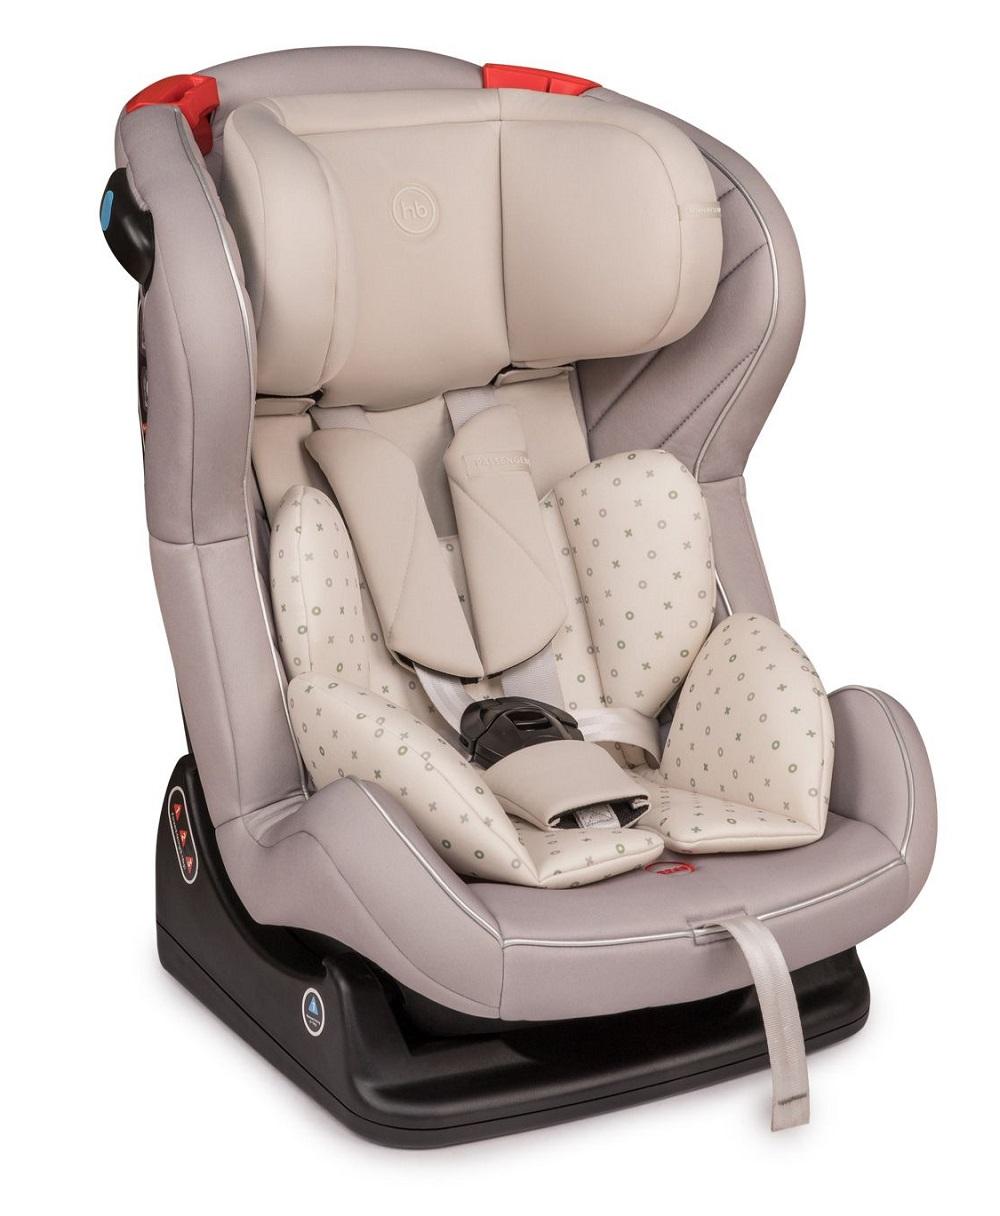 Купить Детское автокресло Happy Baby Passenger V2, до 25кг (цвета в ассорт.), Babyhit, Китай, Песочный